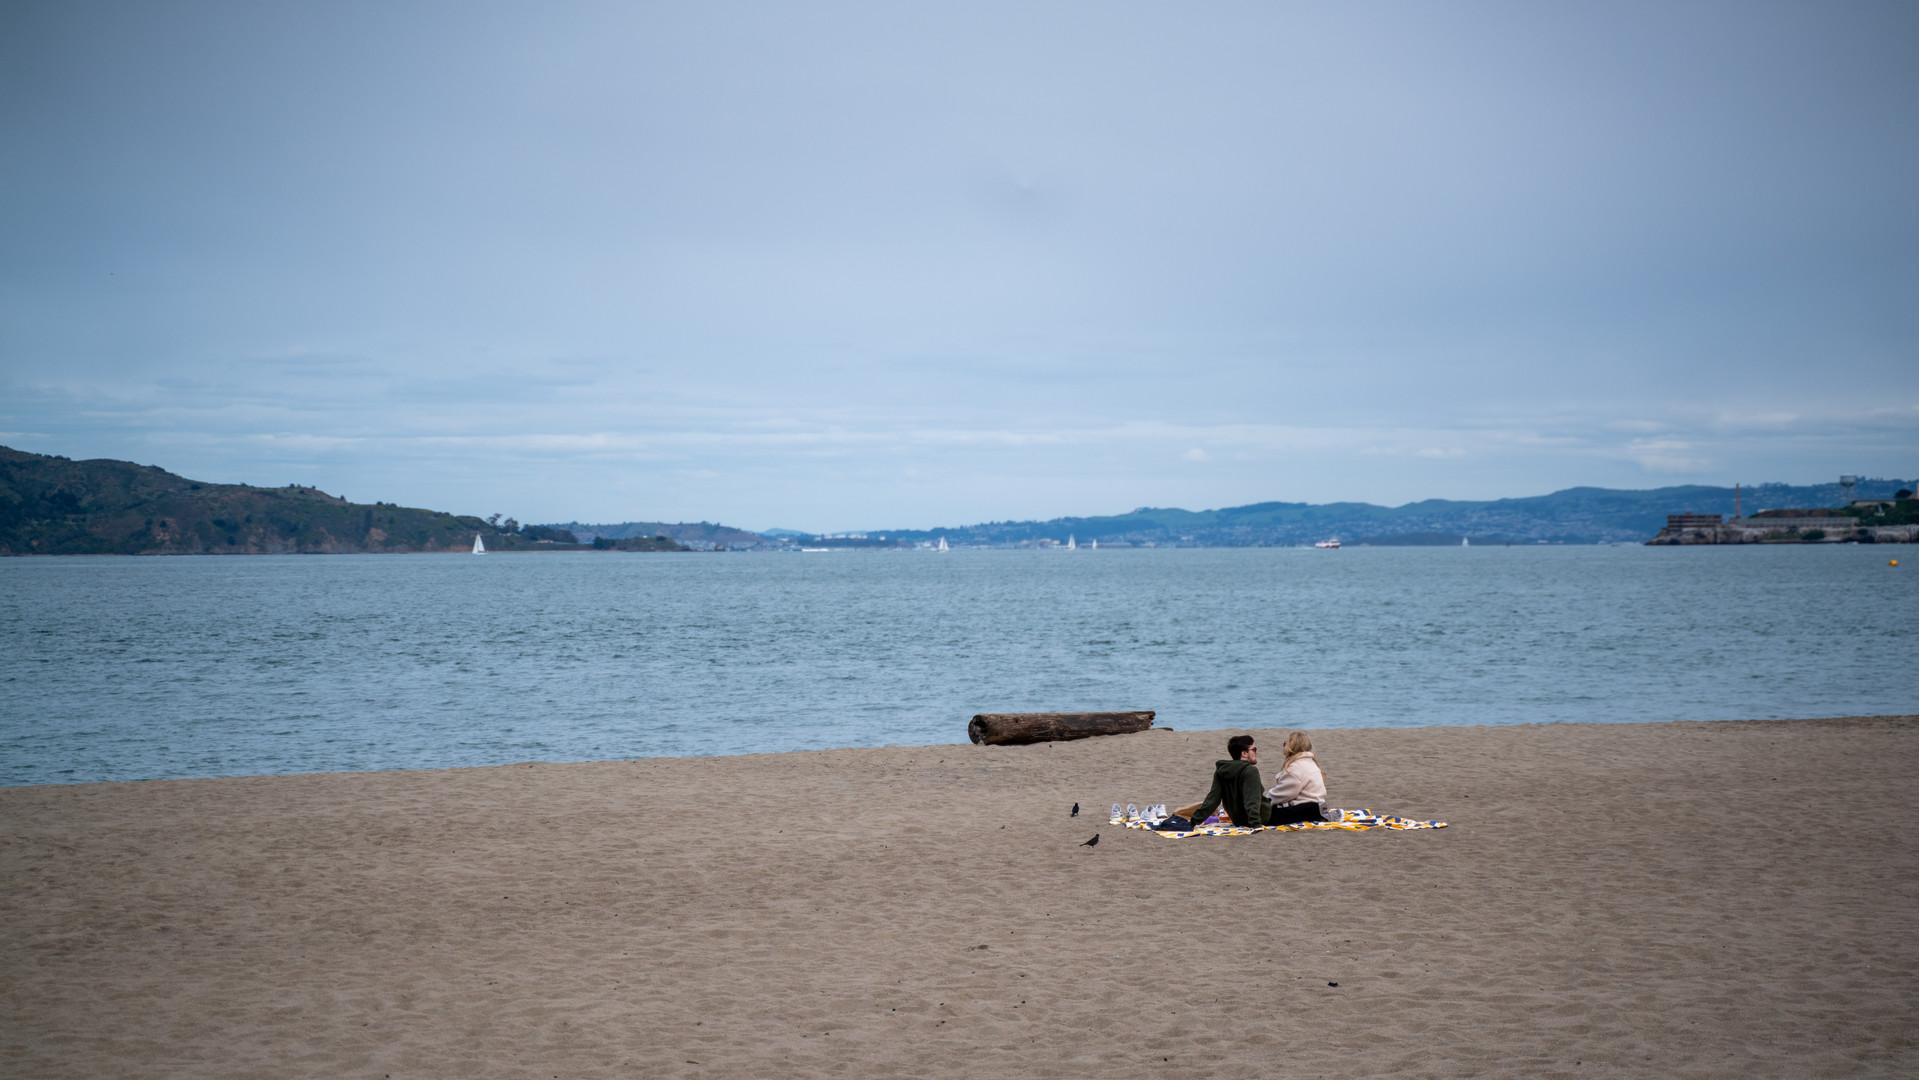 We own the beach